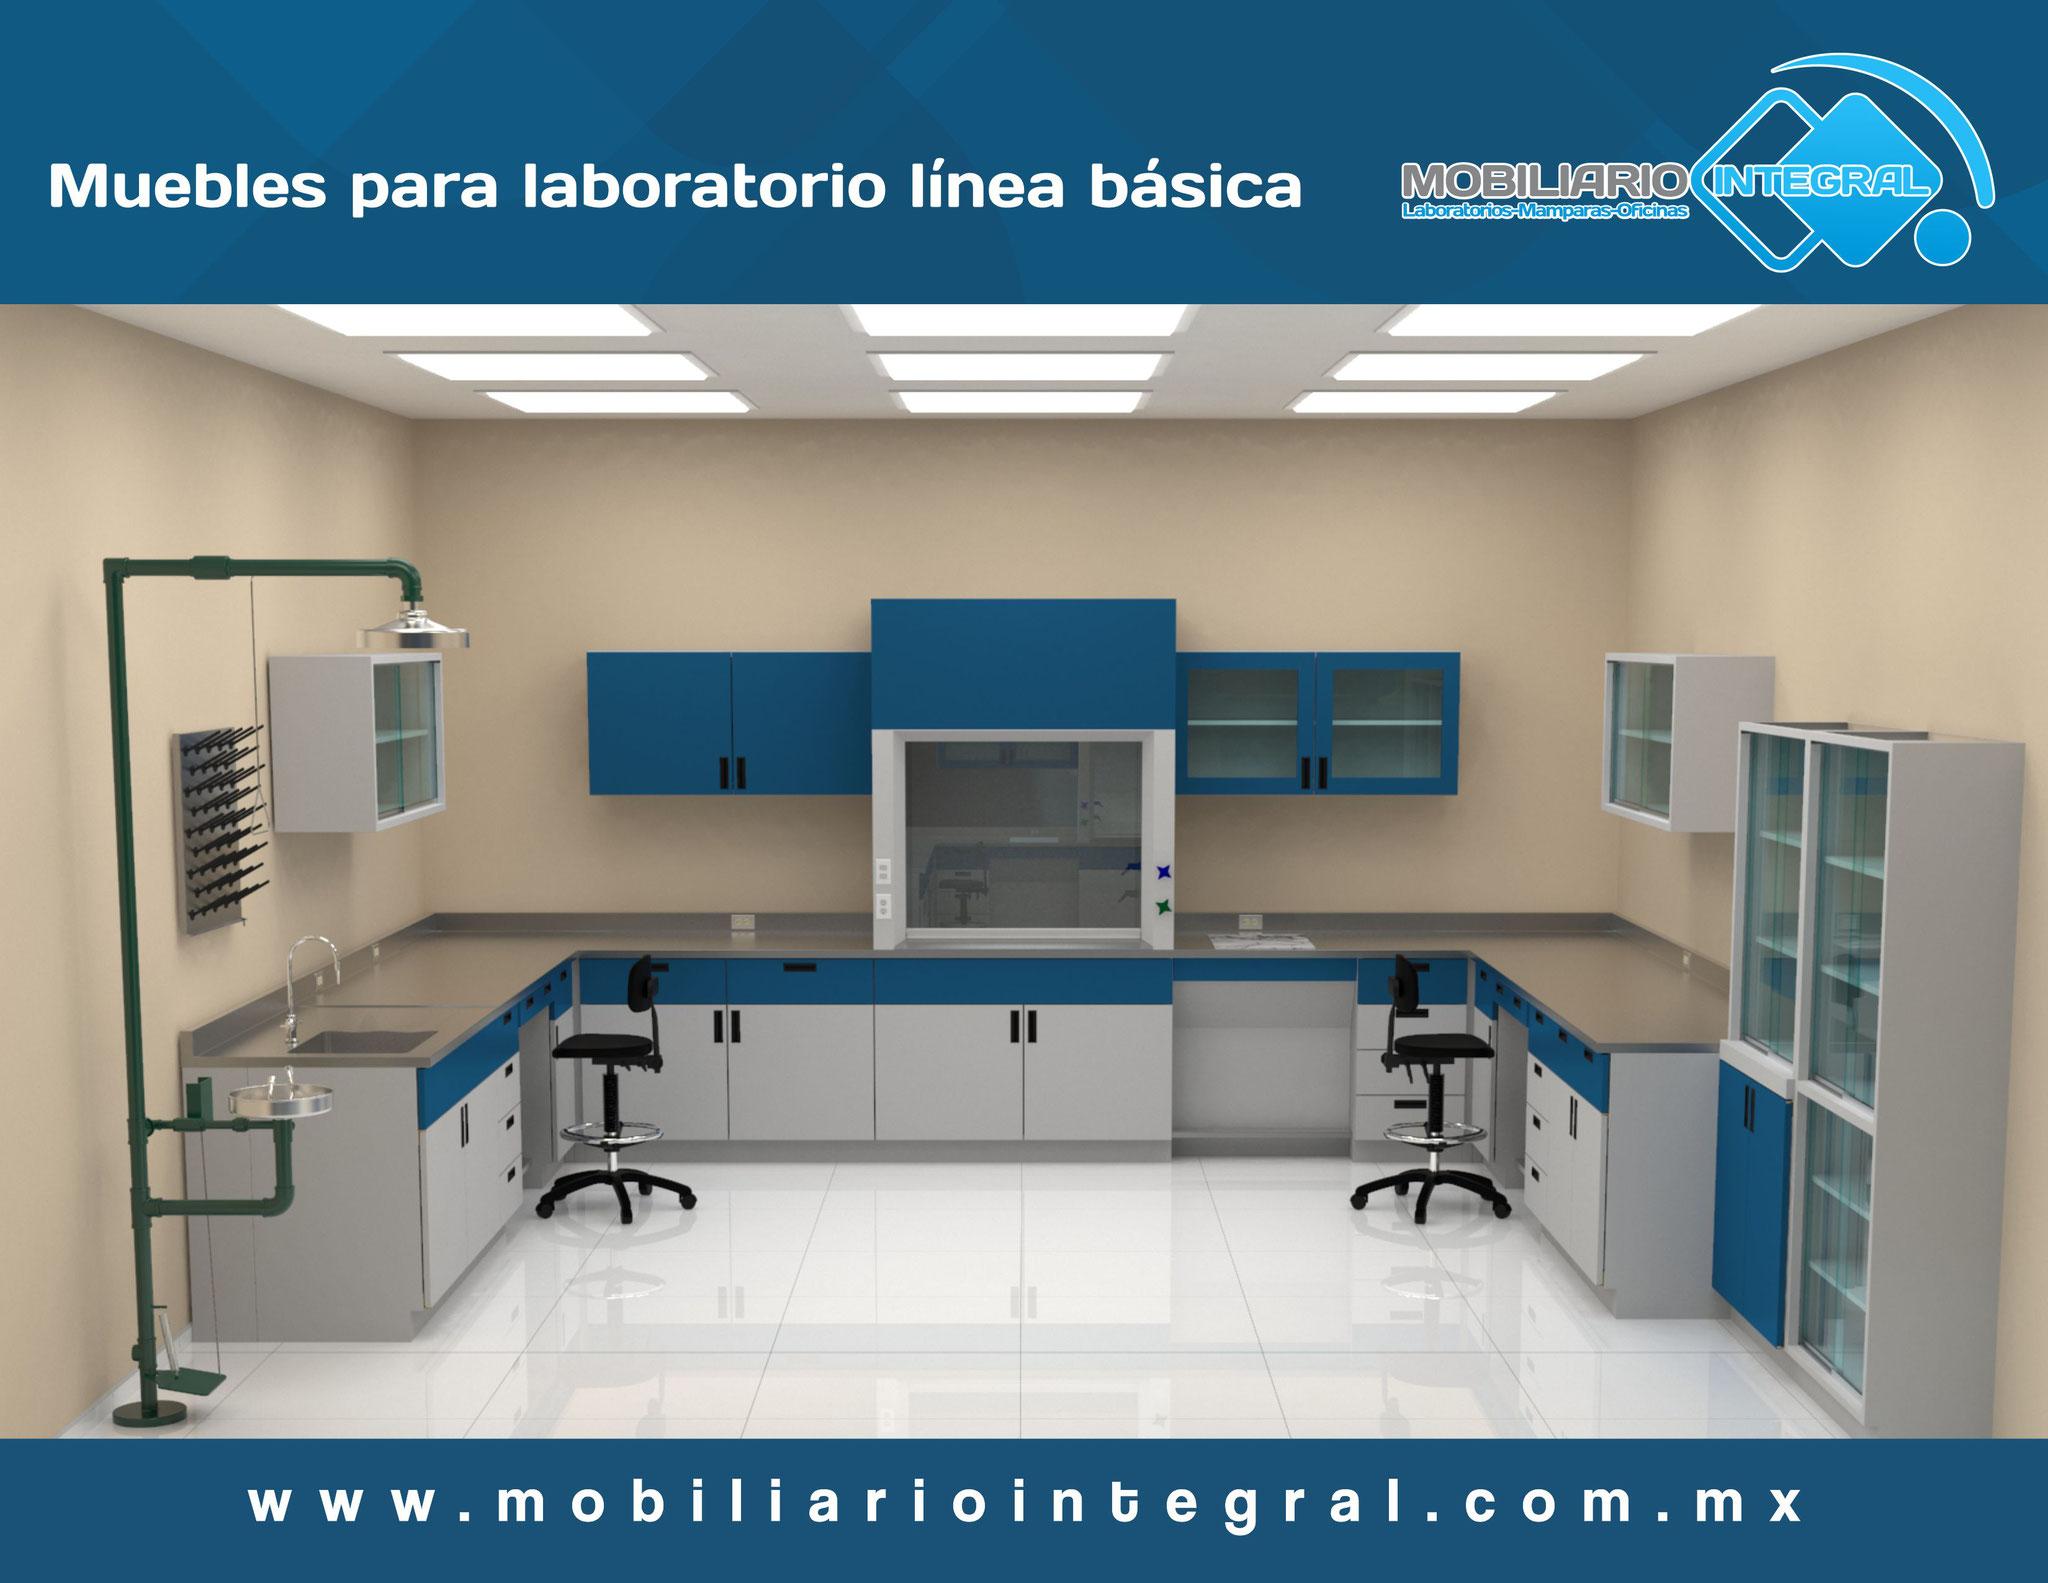 Muebles para laboratorio en Tamaulipas